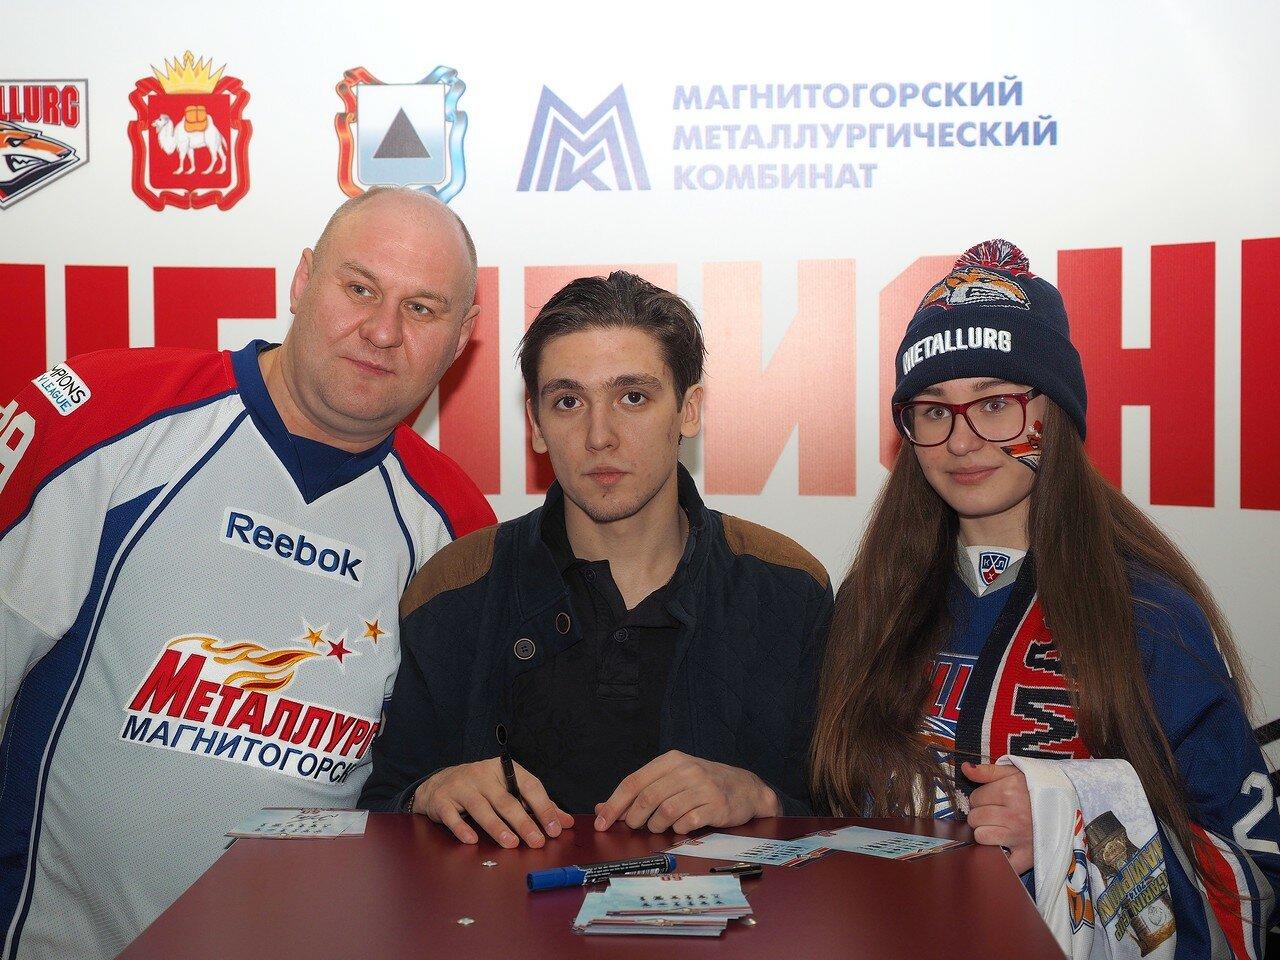 106Металлург - Cпартак 26.12.2015